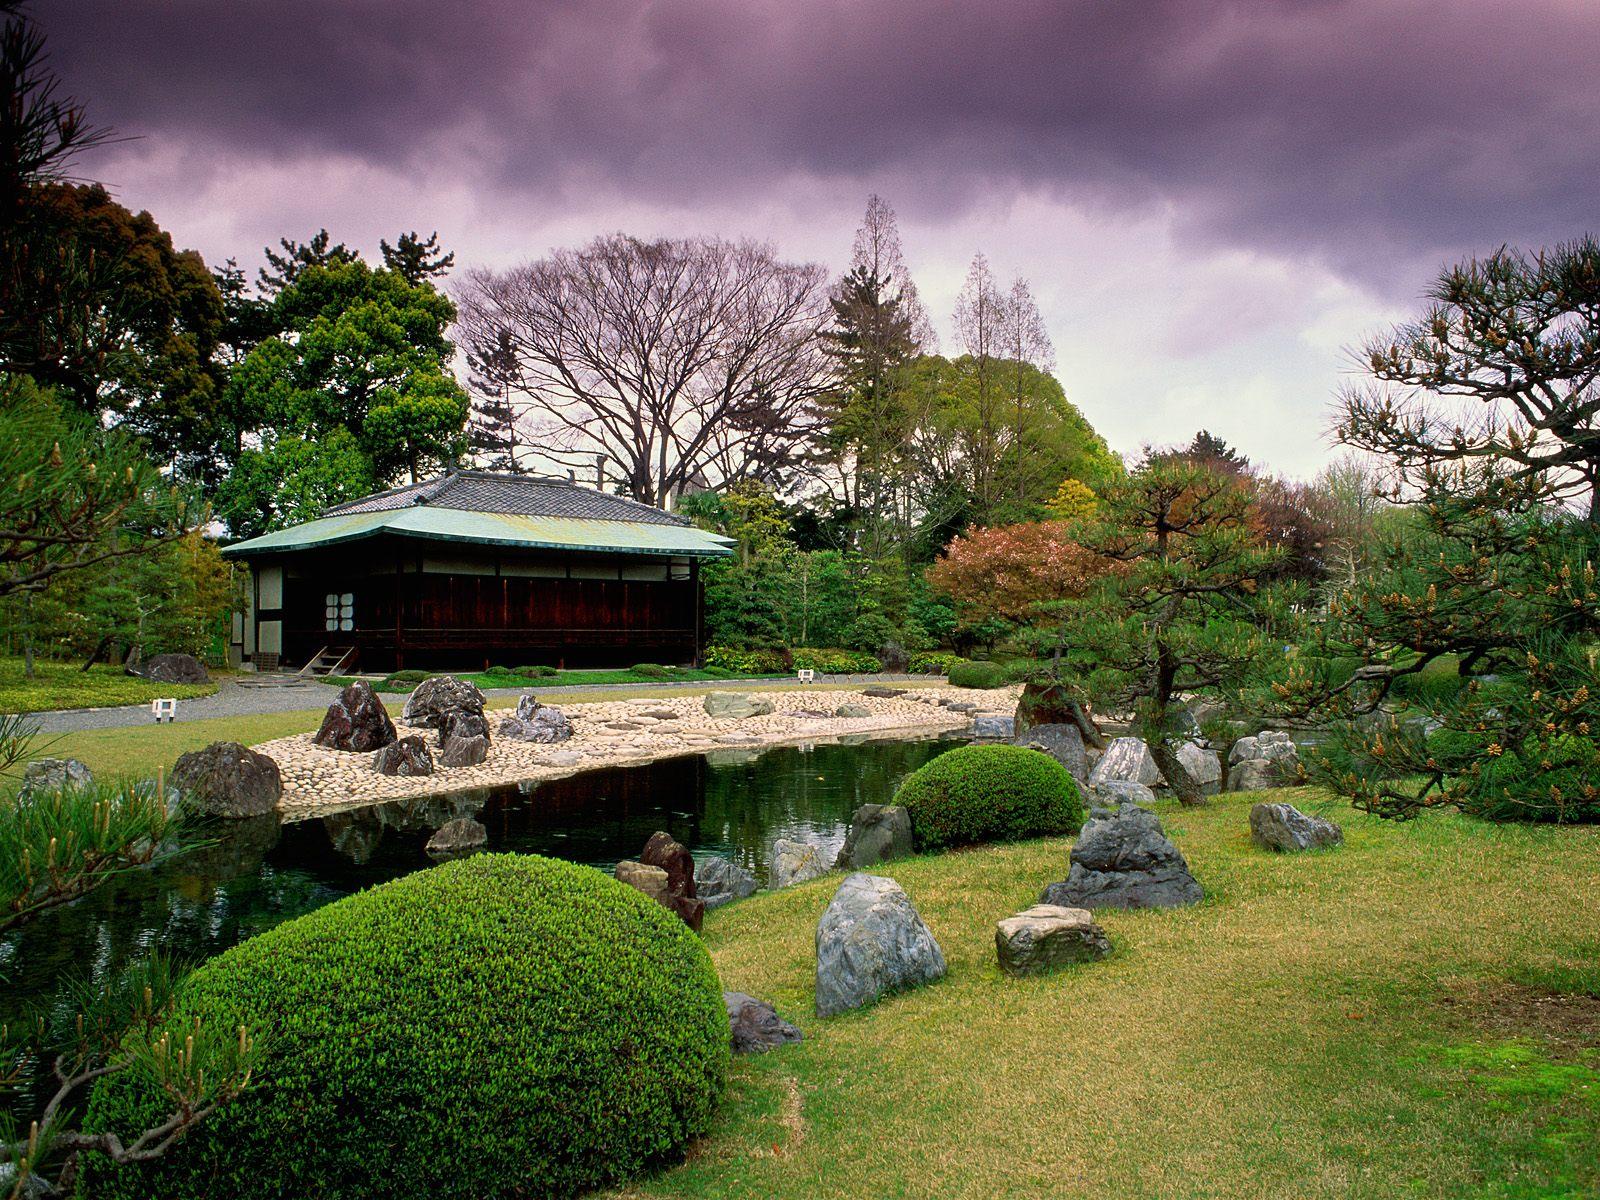 http://2.bp.blogspot.com/-ItrFZrLUvHk/ToQKpbzrG4I/AAAAAAAAFQk/Wh1d61Wvne8/s1600/japanese+wallpaper+hd+2.jpg